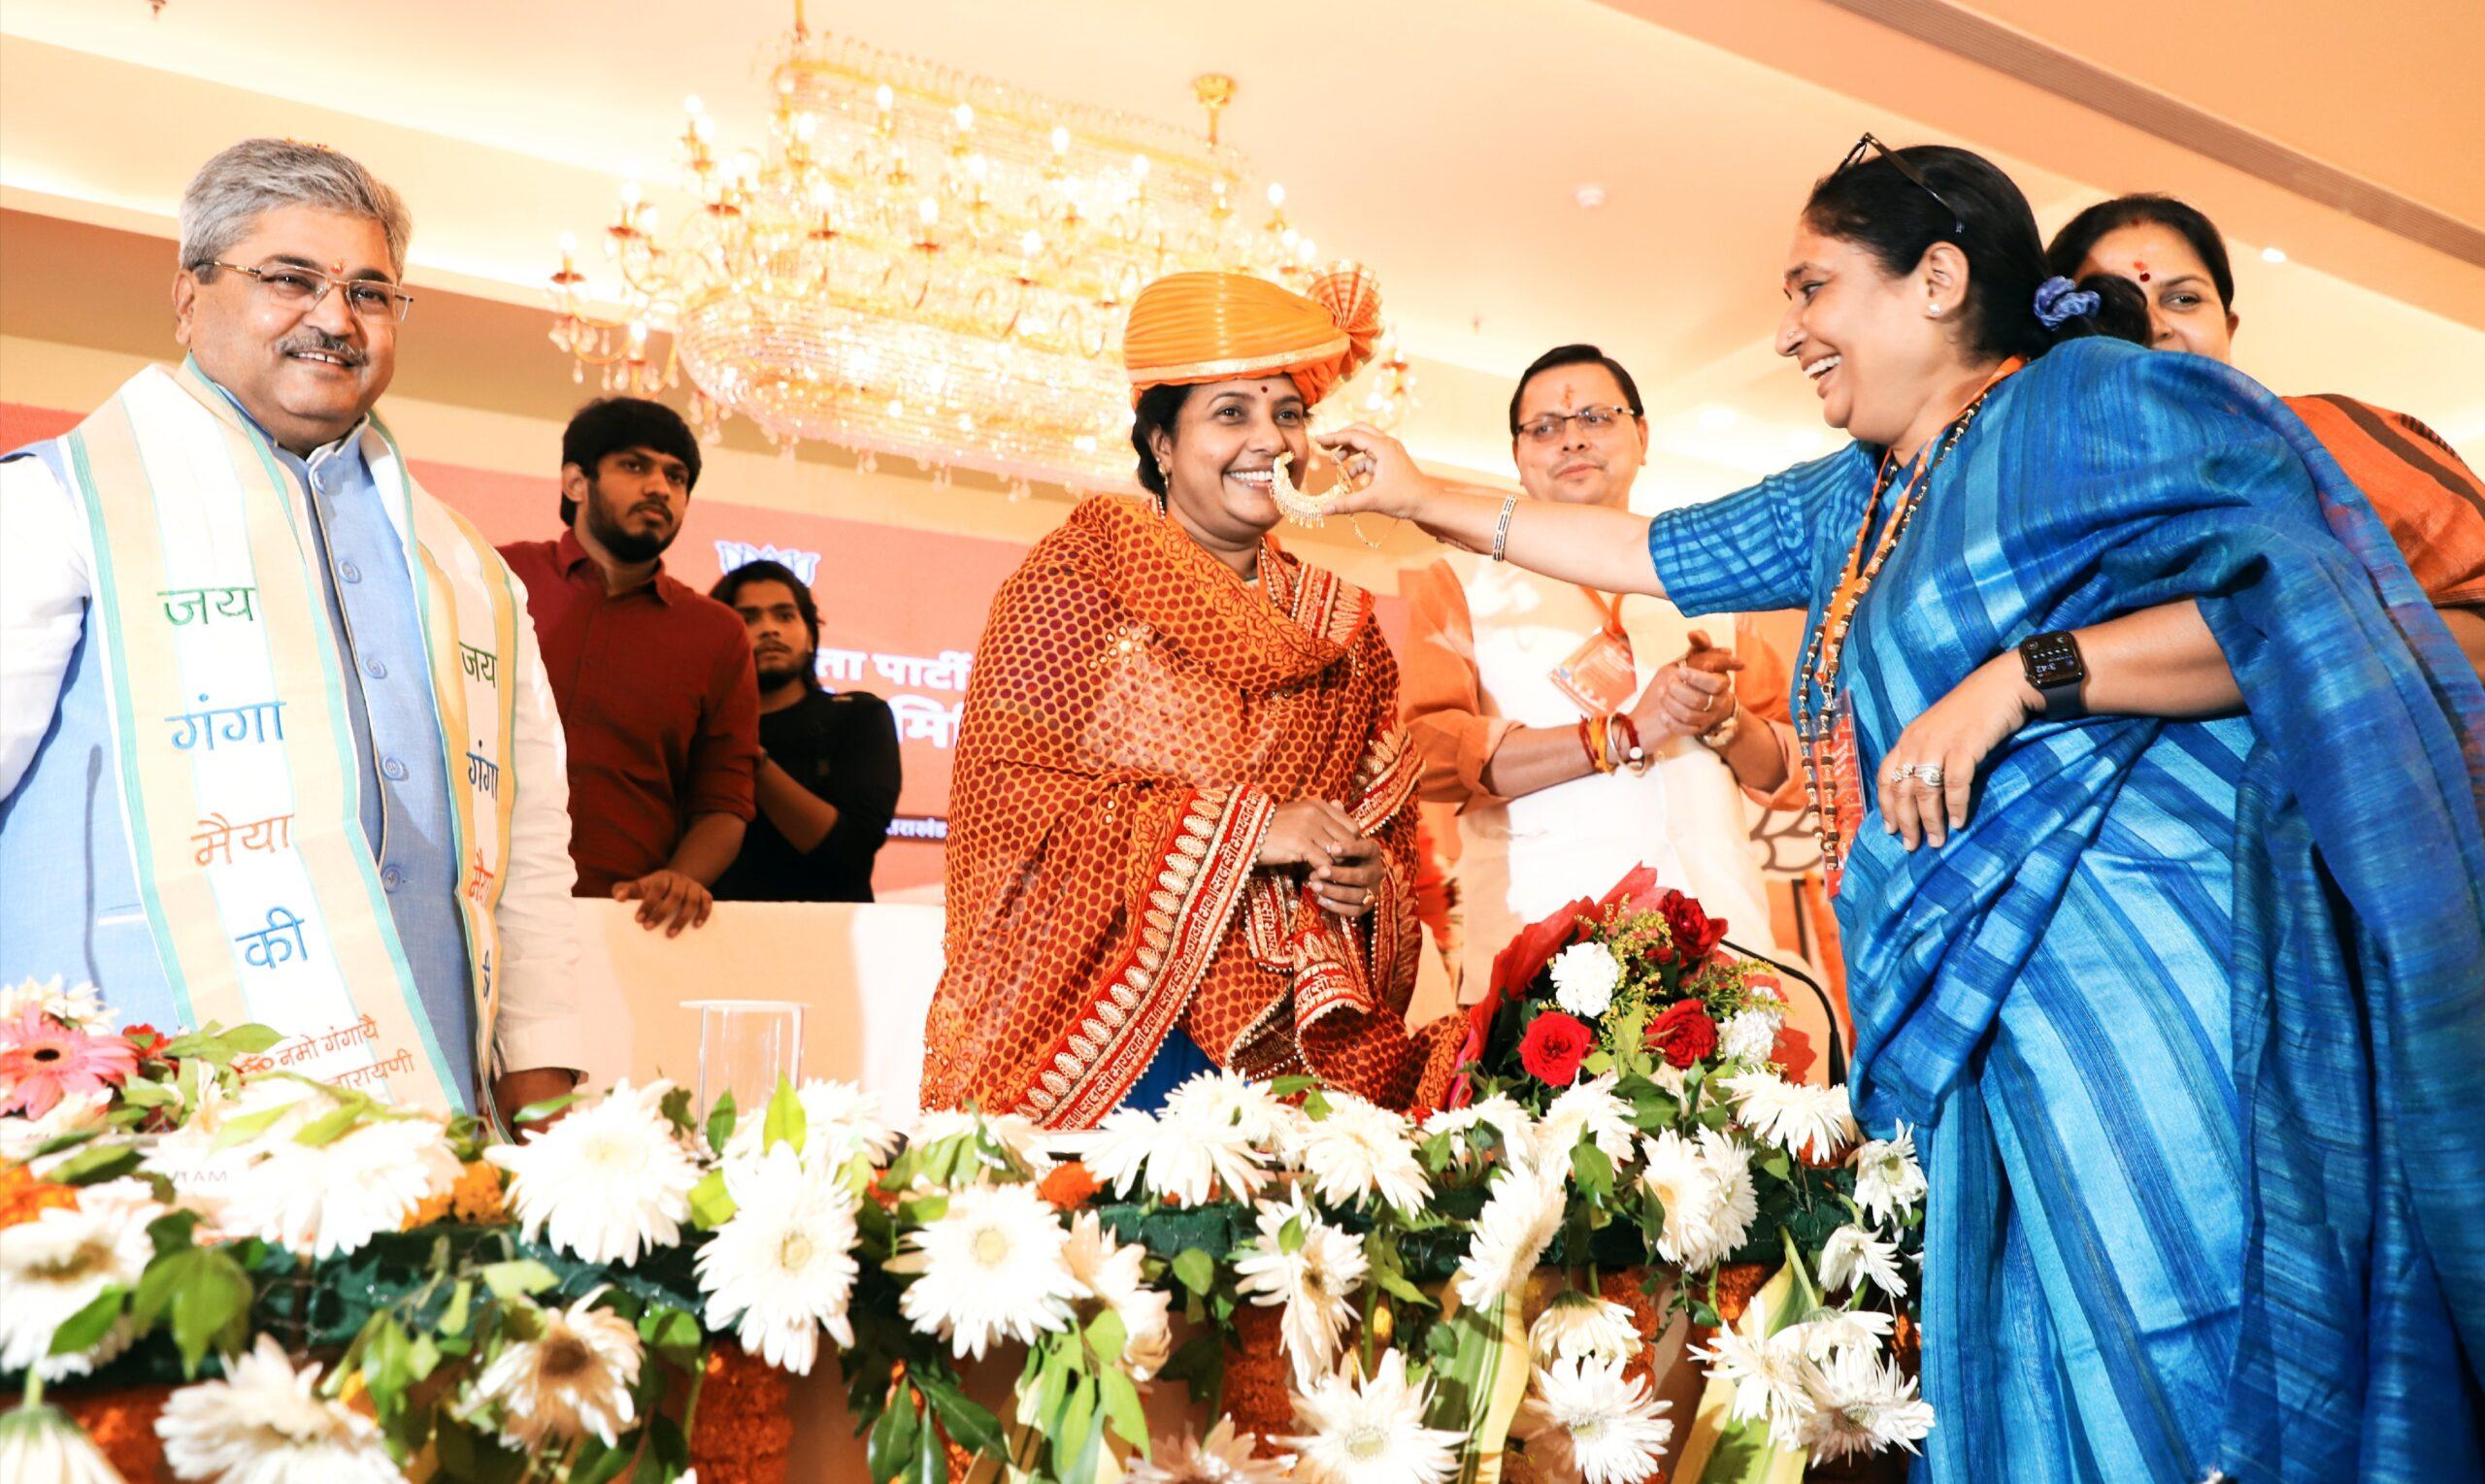 इस देश में महिलाओं को सर्वाधिक सम्मान मिल रहा है…वानाती श्रीनिवासन